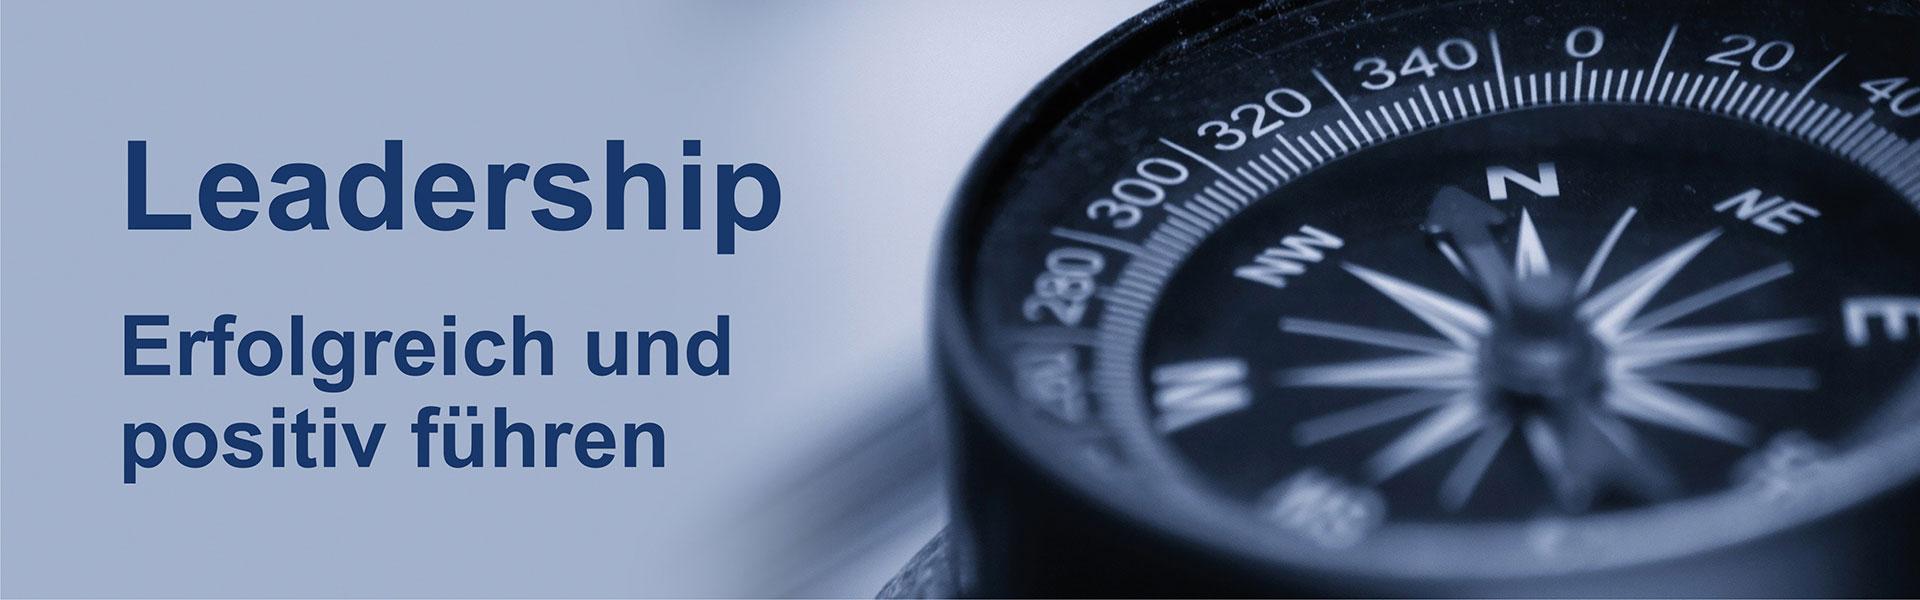 Leadership & Führungskompetenzen – Positiv und erfolgreich führen und motivieren